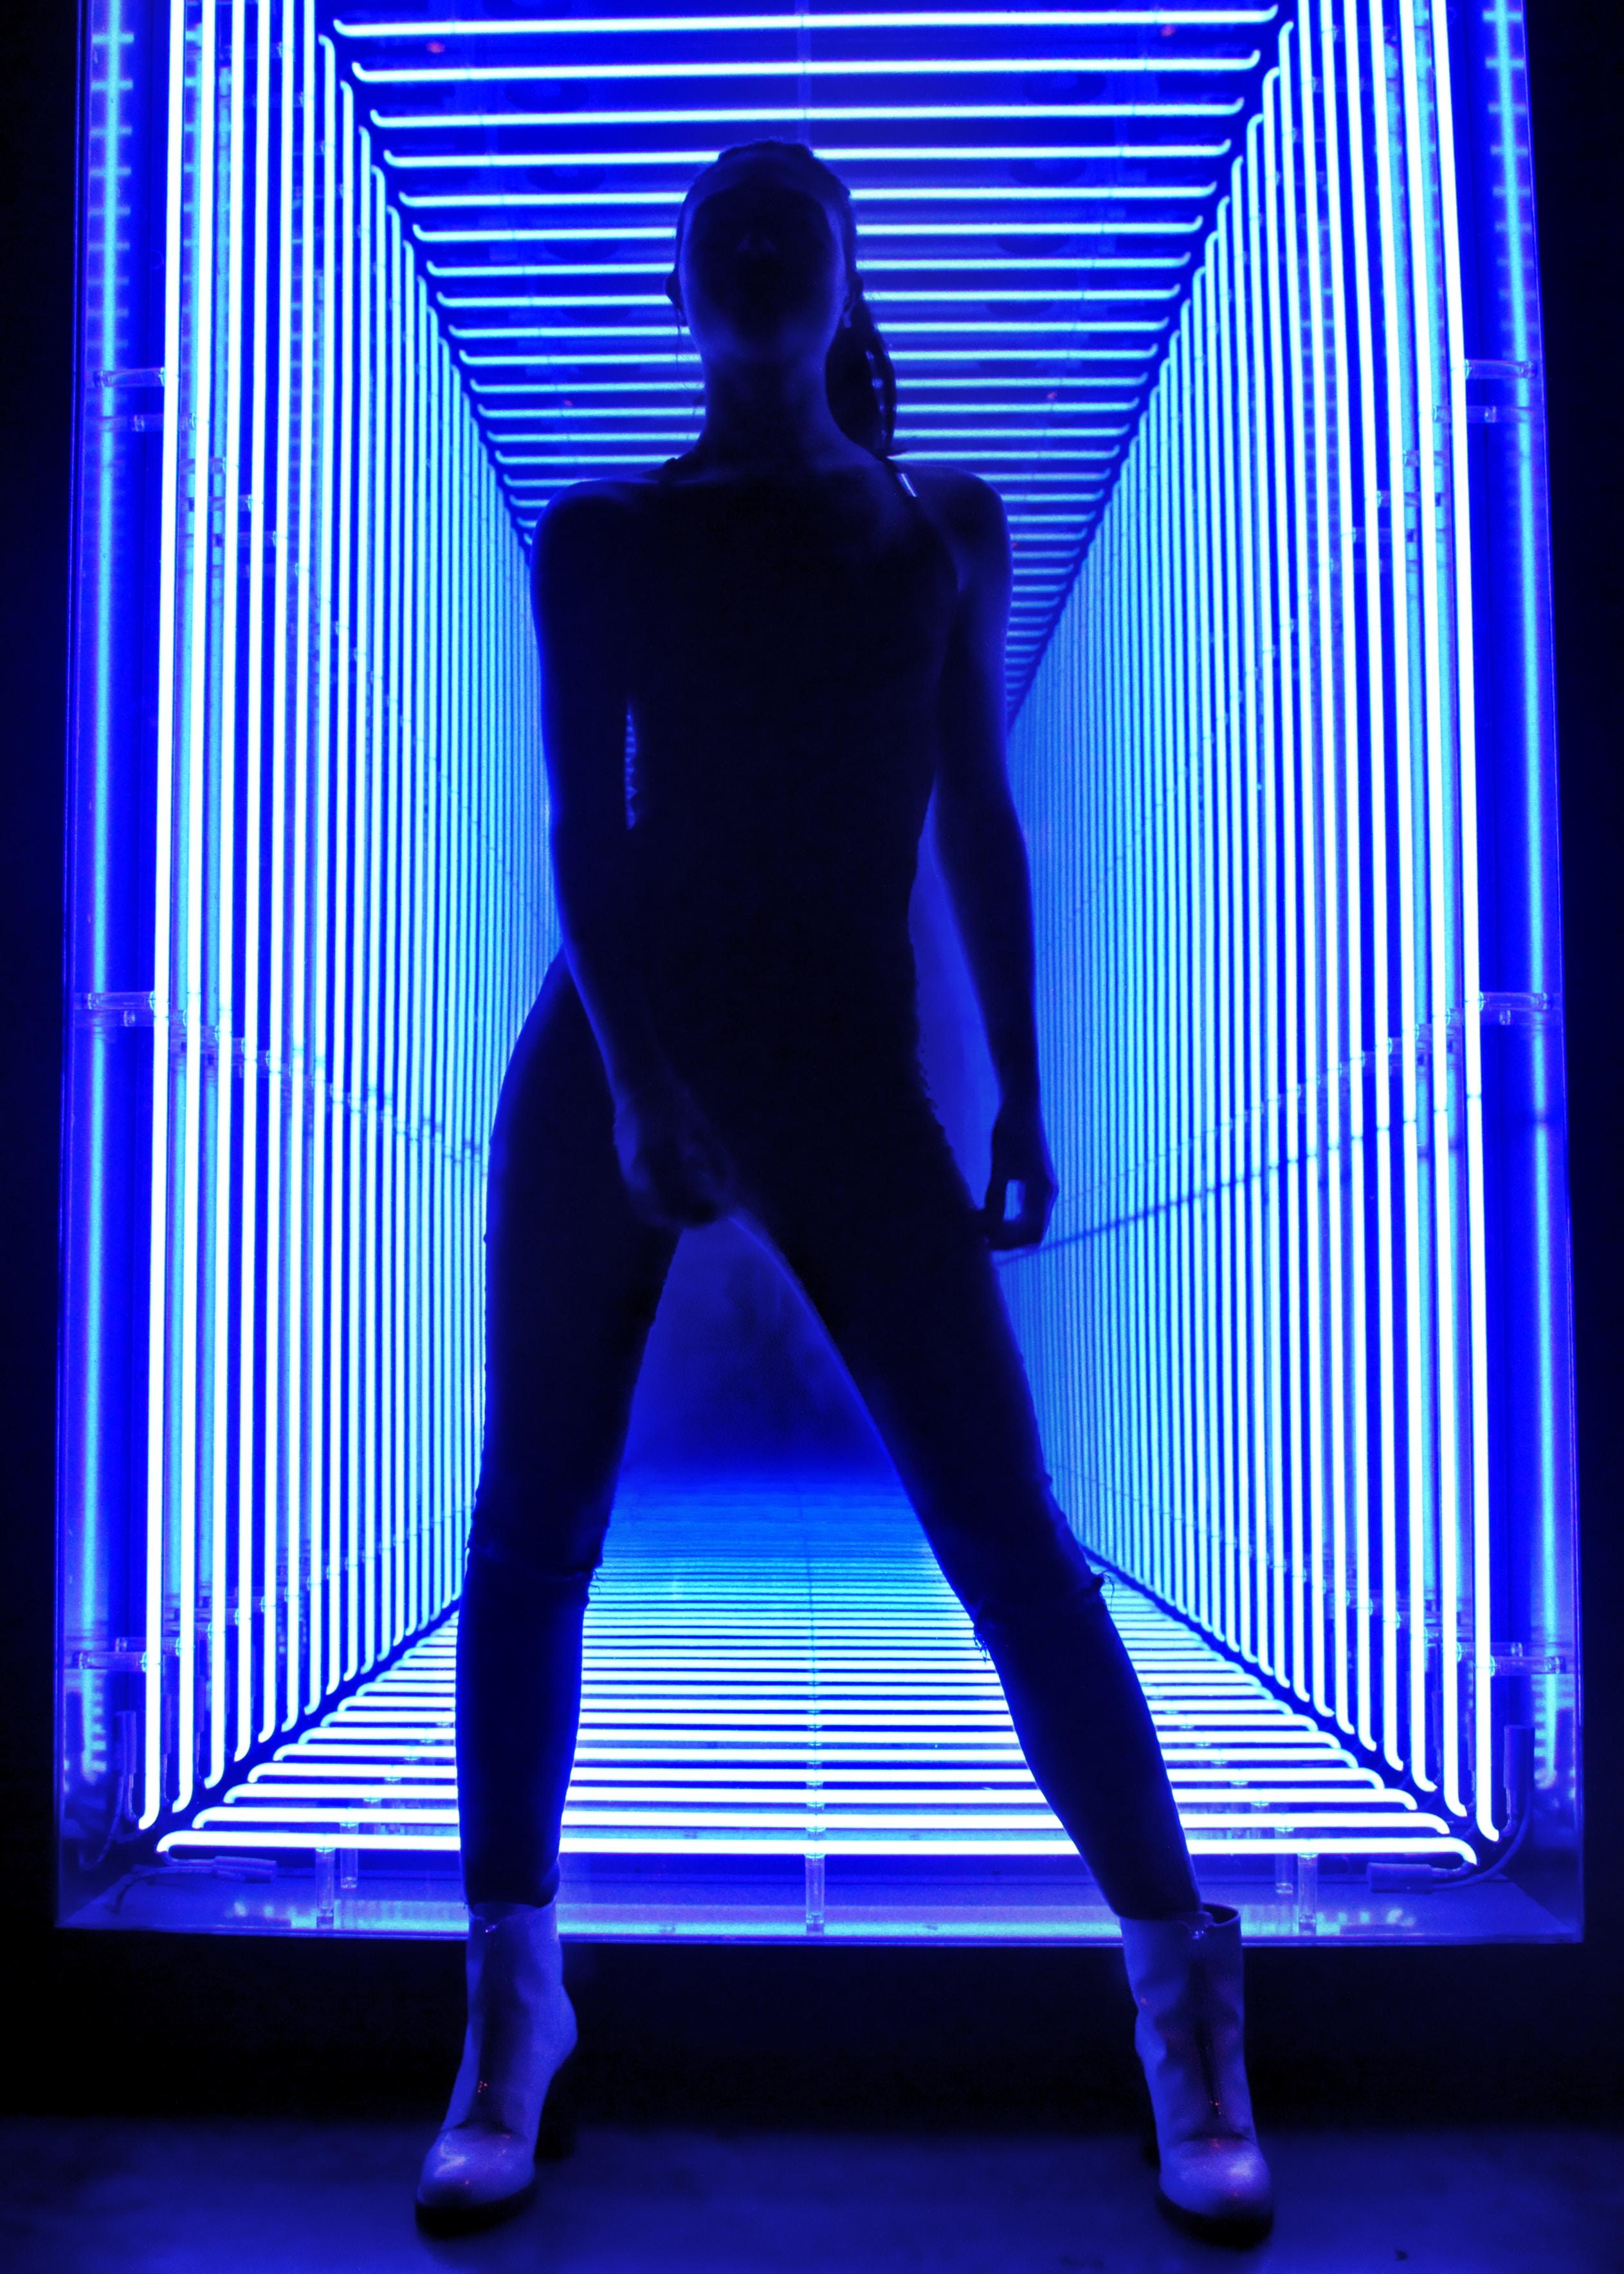 woman standing near lights